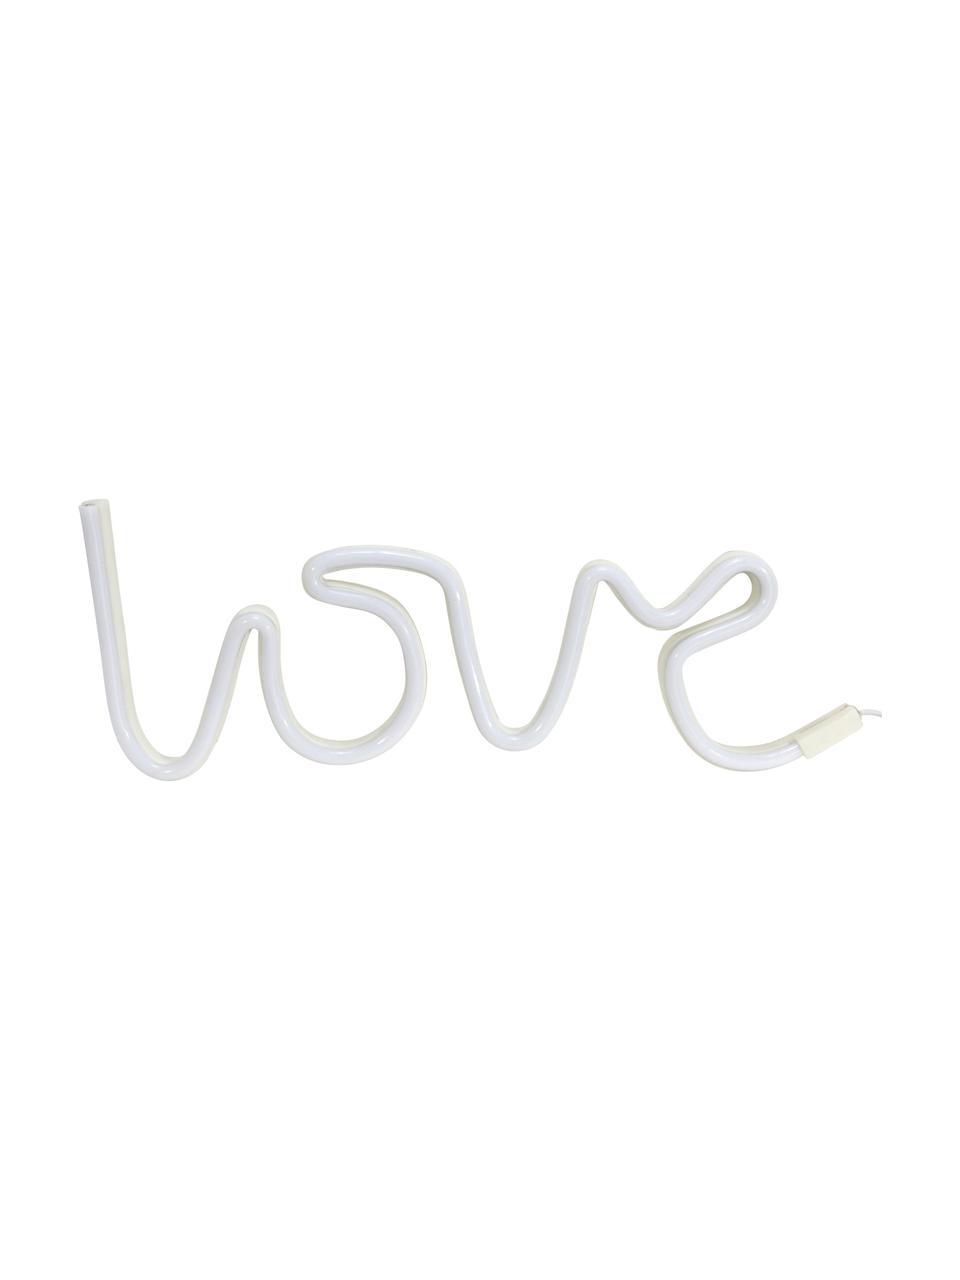 LED-Leuchtobjekt Love, Kunststoff, Weiß, 40 x 17 cm